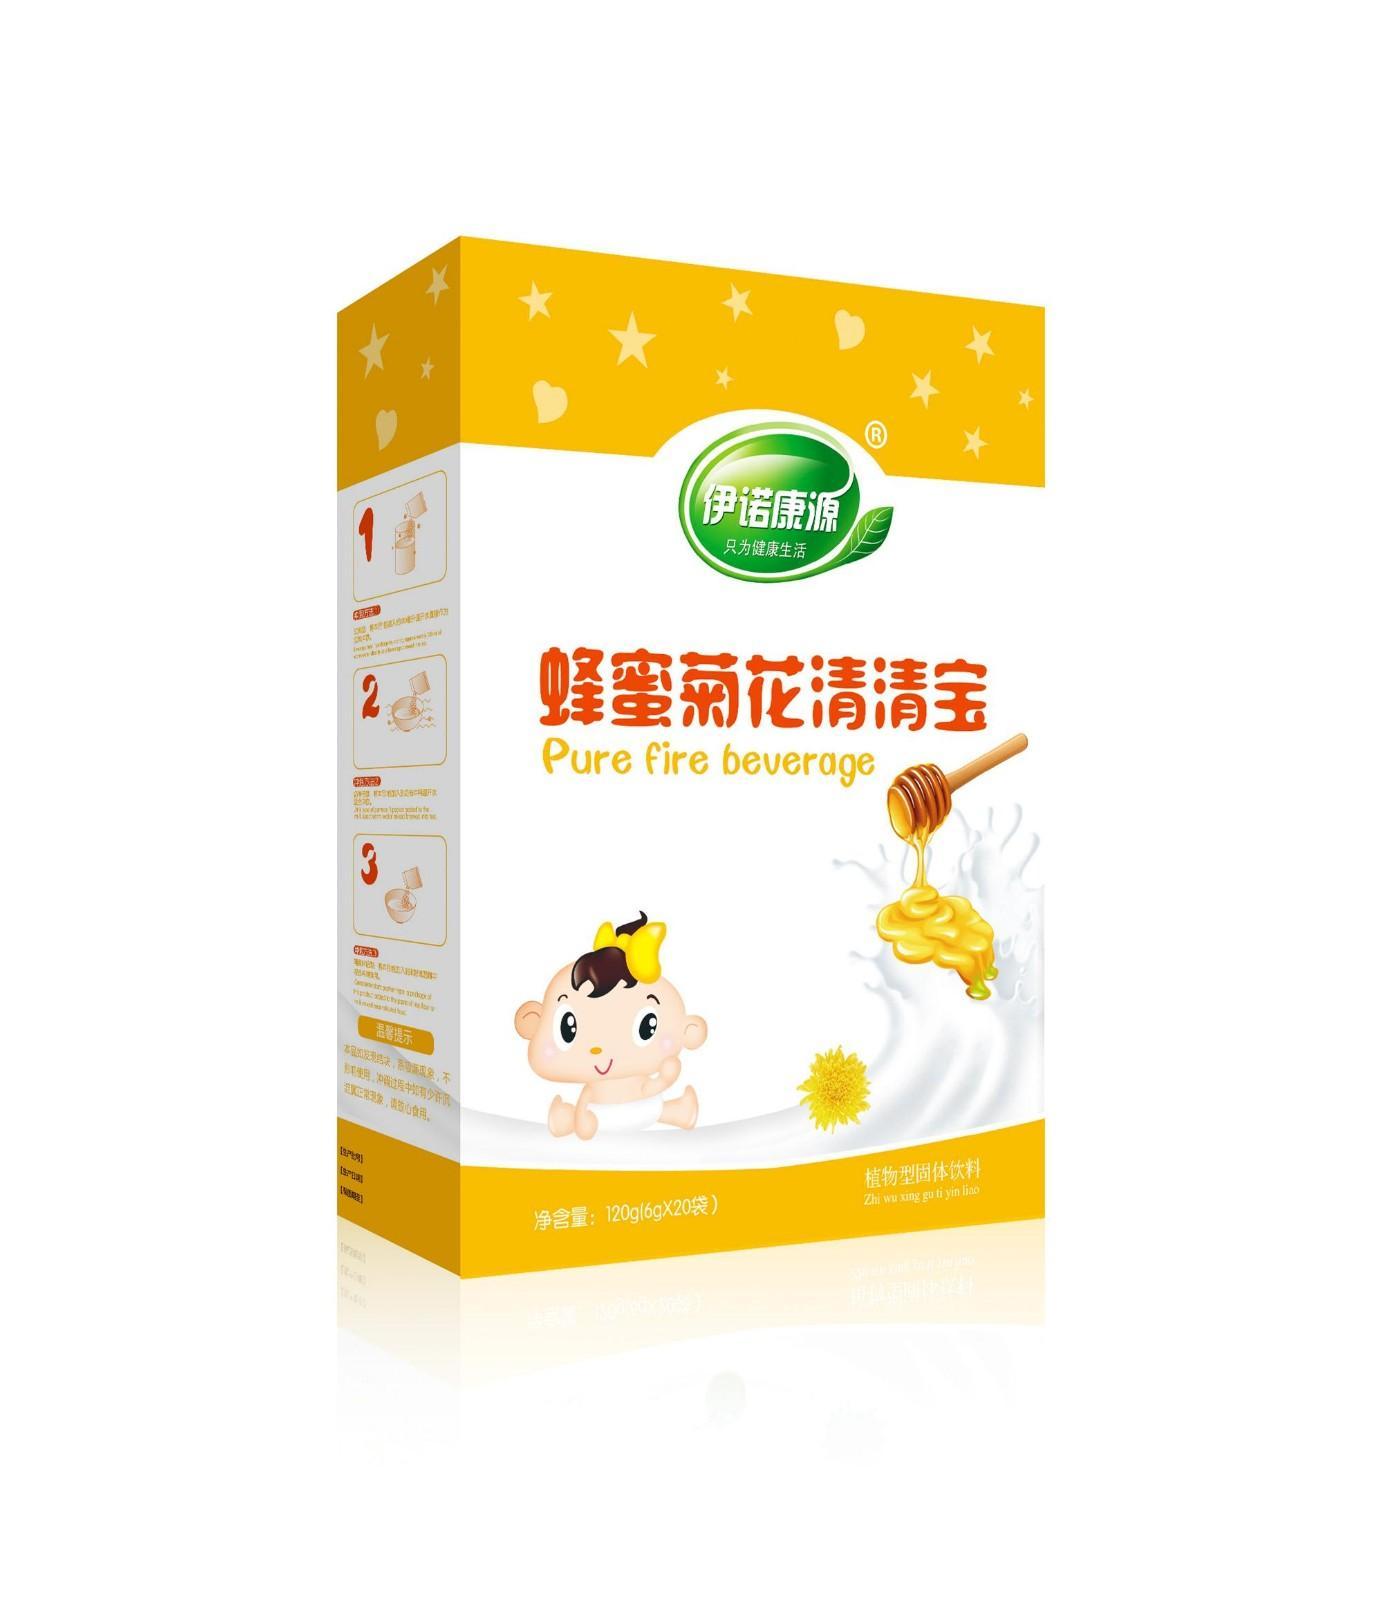 蜂蜜菊花伊诺康源清清宝招商